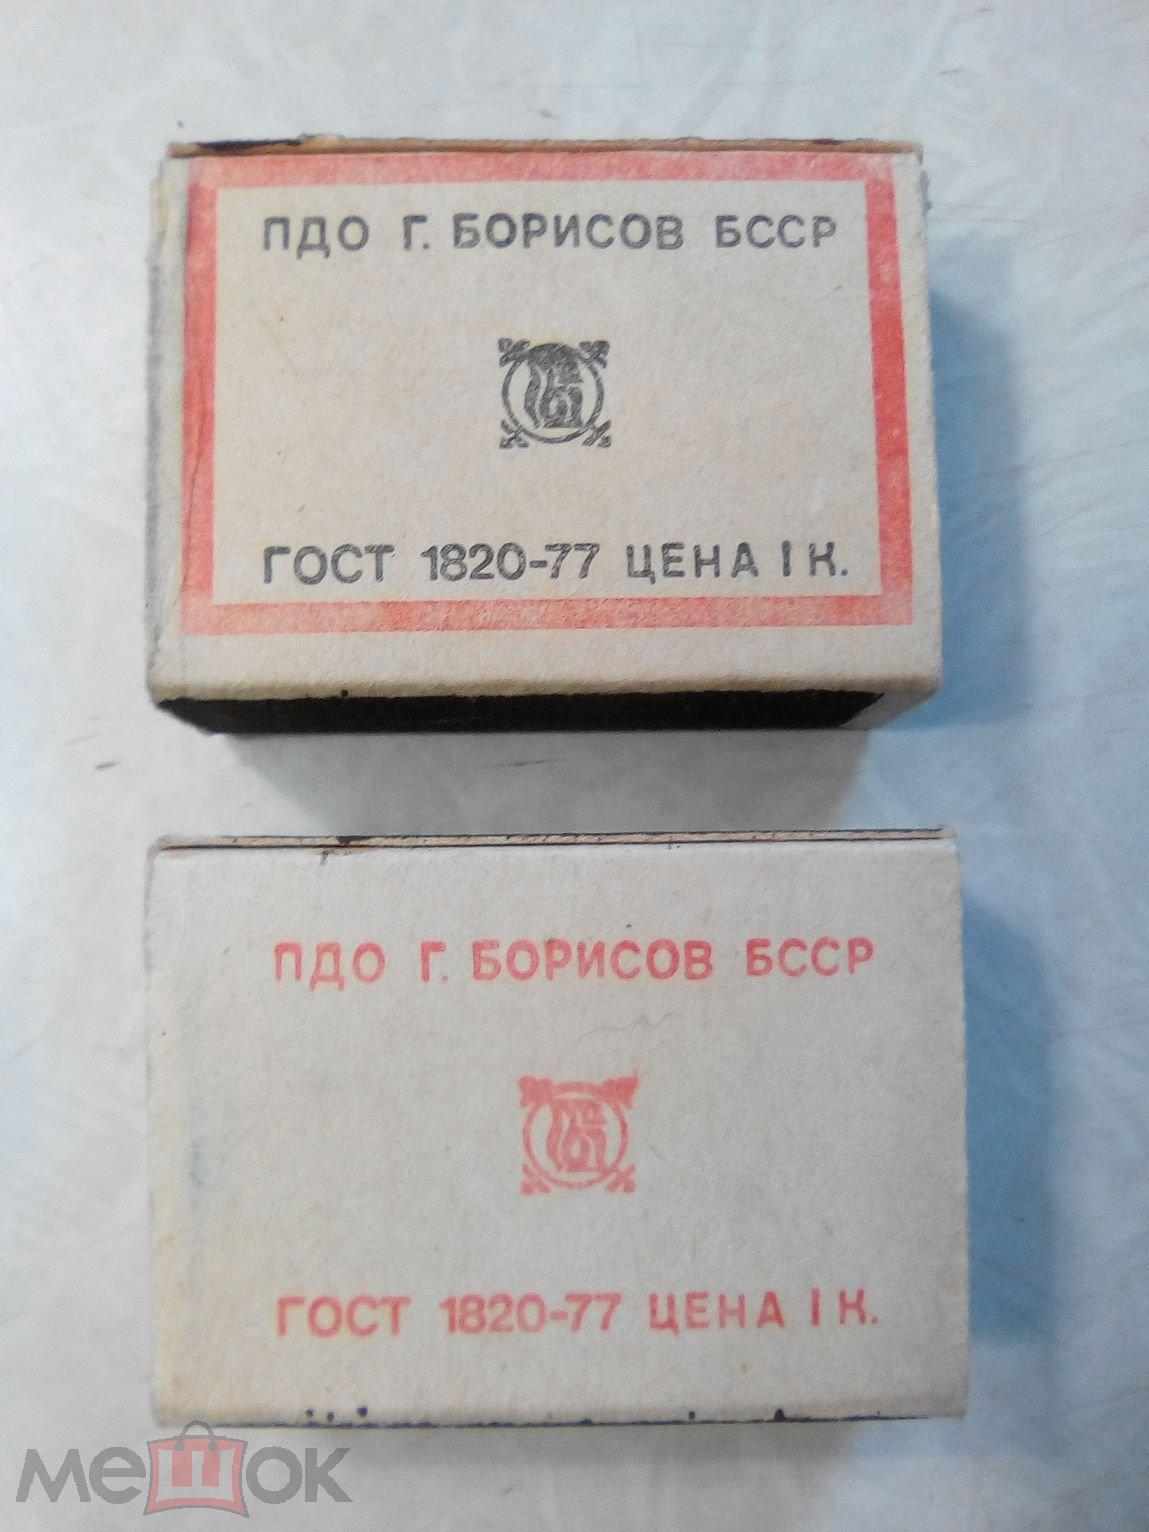 Спички СССР, г.Борисов, БССР,коллекционные, оригинал